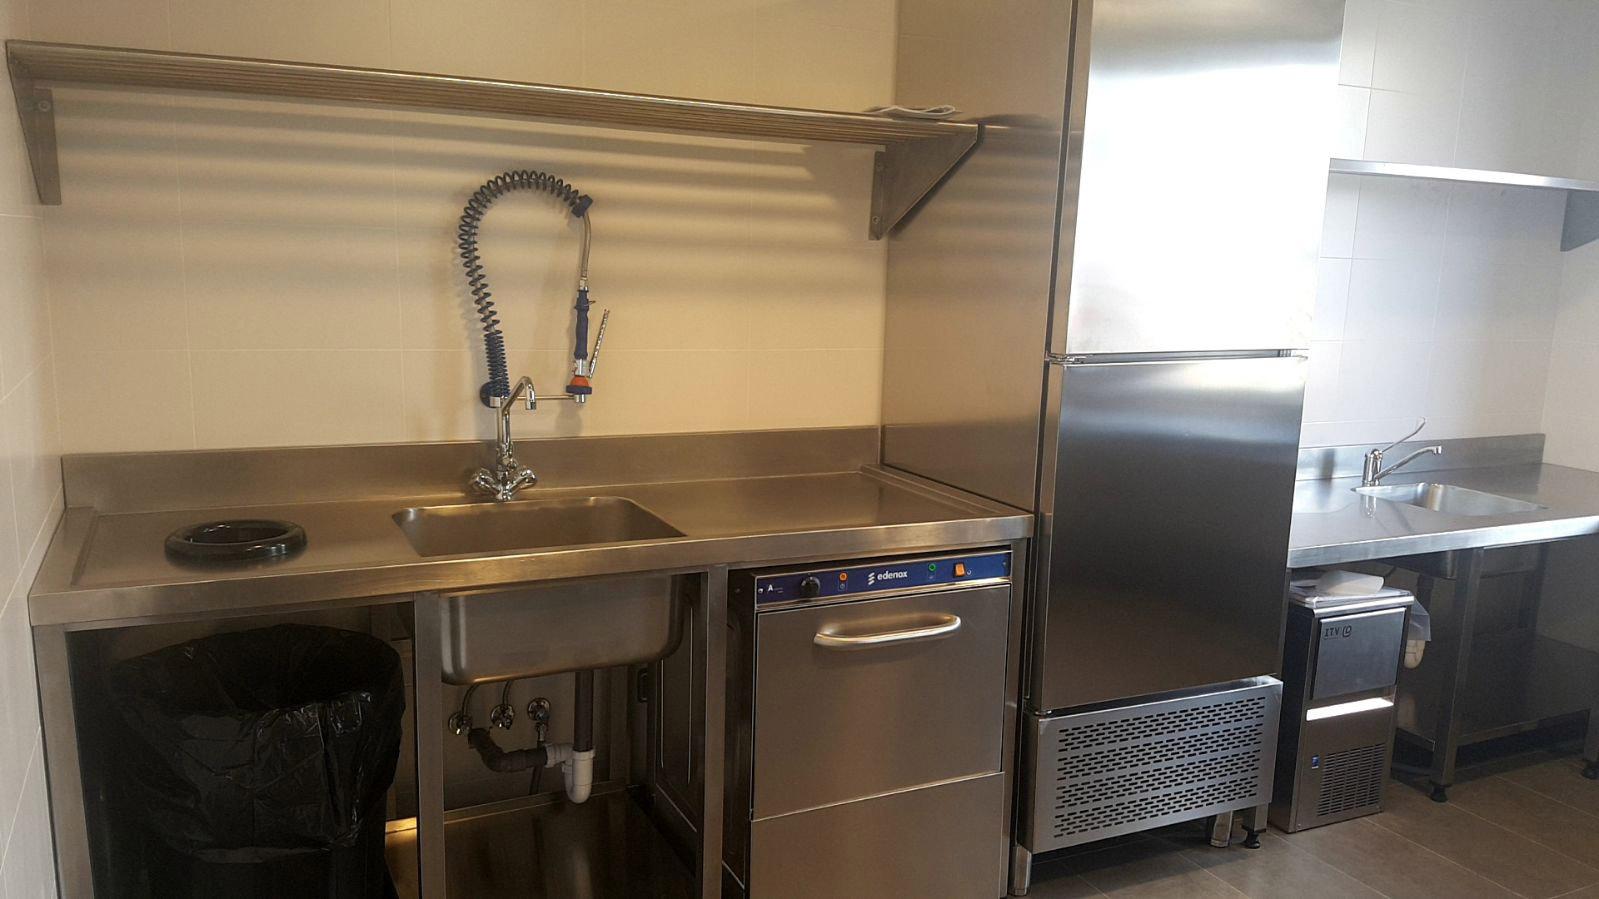 diseño-fabricacion-cocina-mobiliario-maquinaria-direccion-banco-popular-acero-inoxidable-madrid-accesorios-proyectos-hosteleria